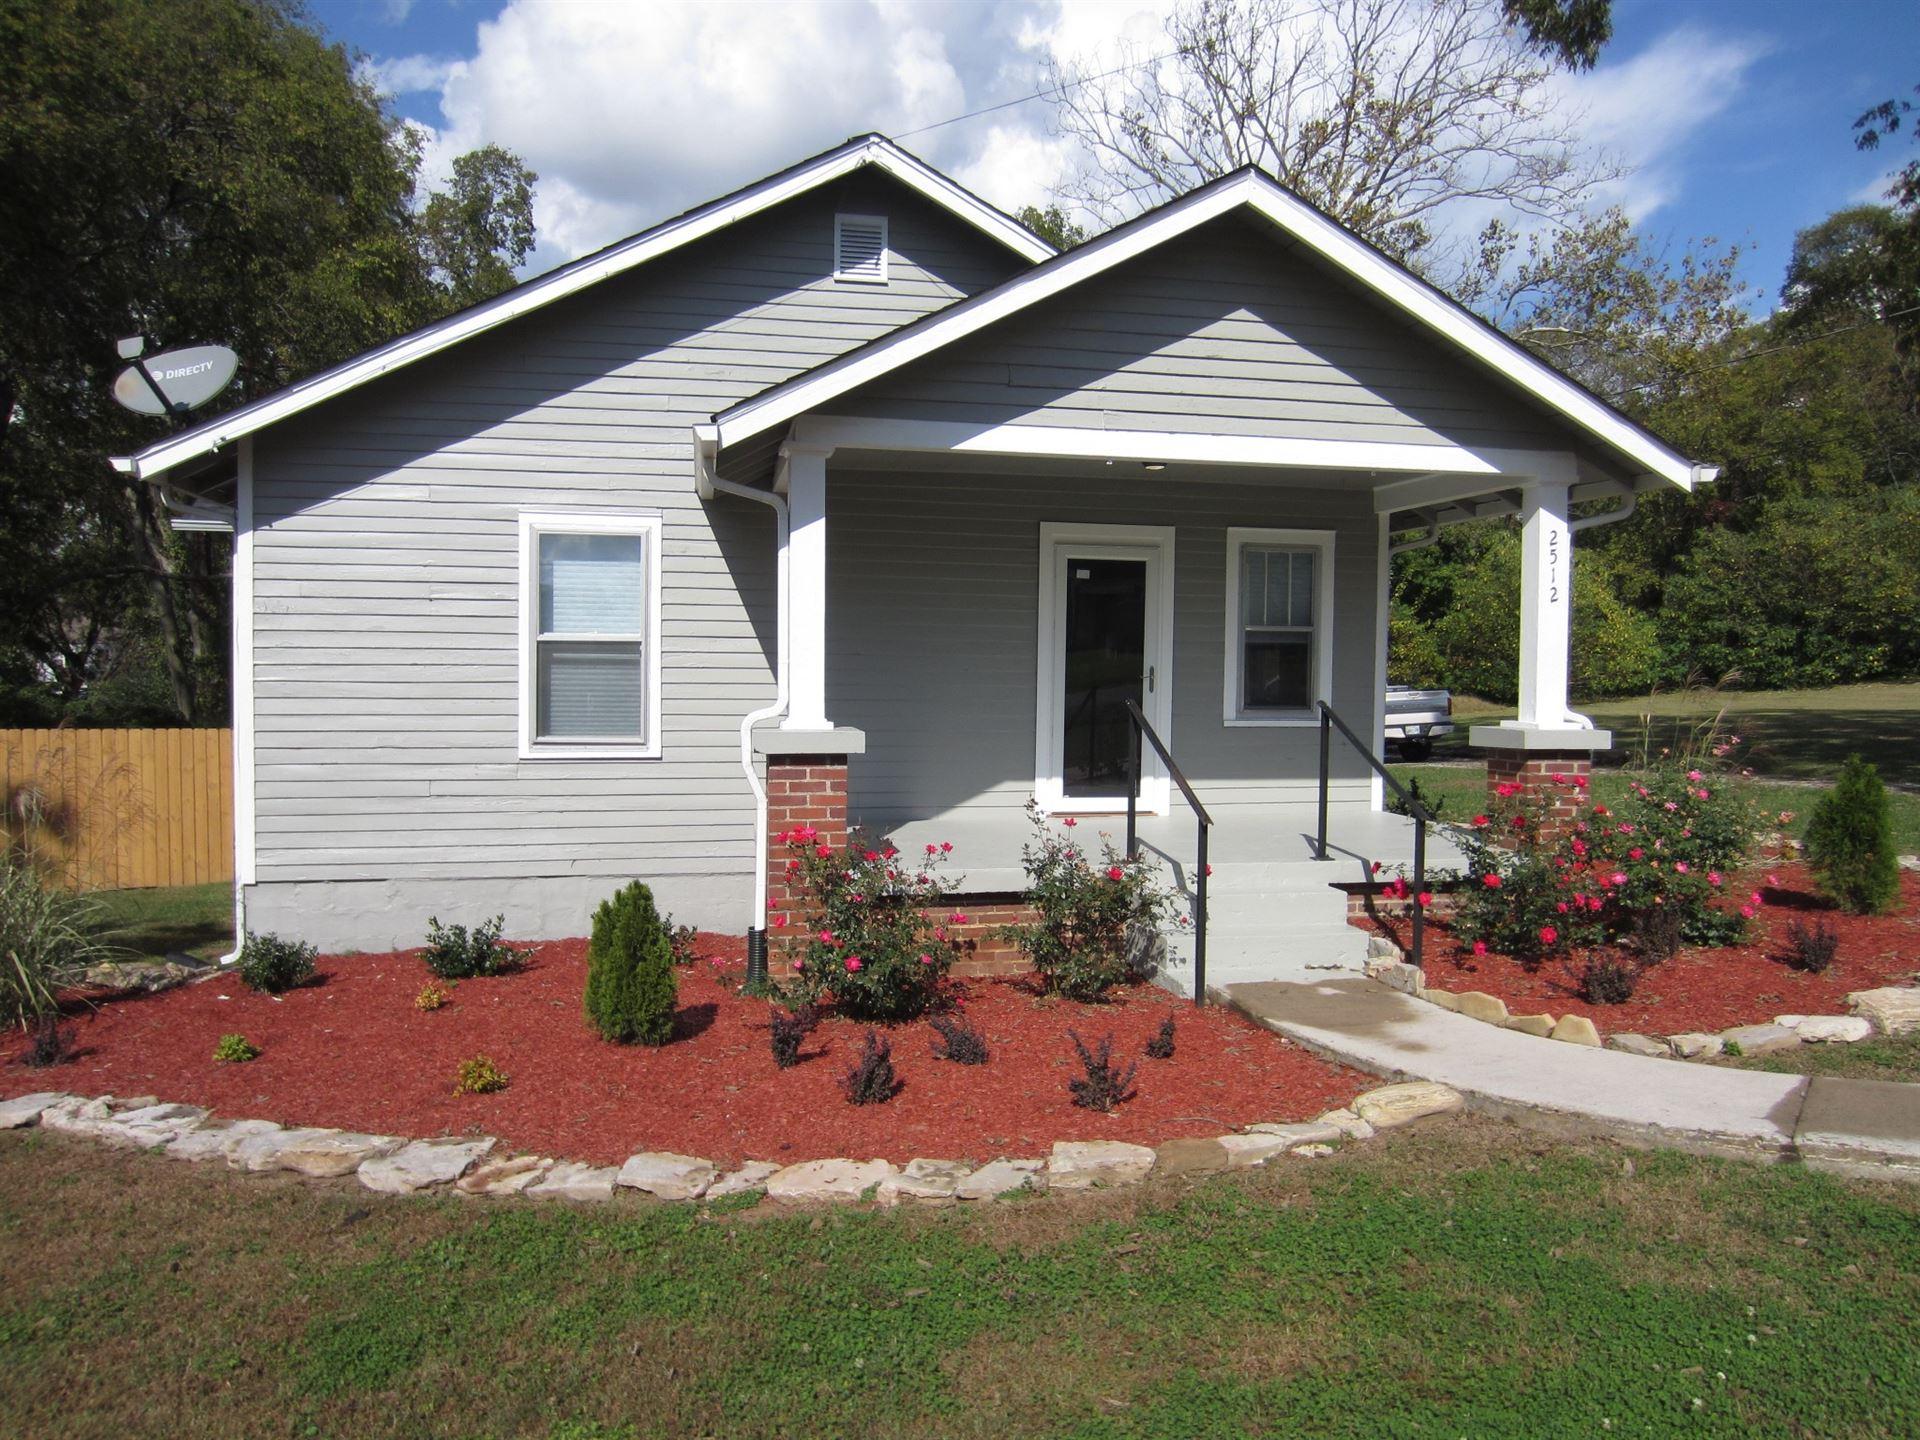 2512 Park Dr, Nashville, TN 37214 - MLS#: 2201154